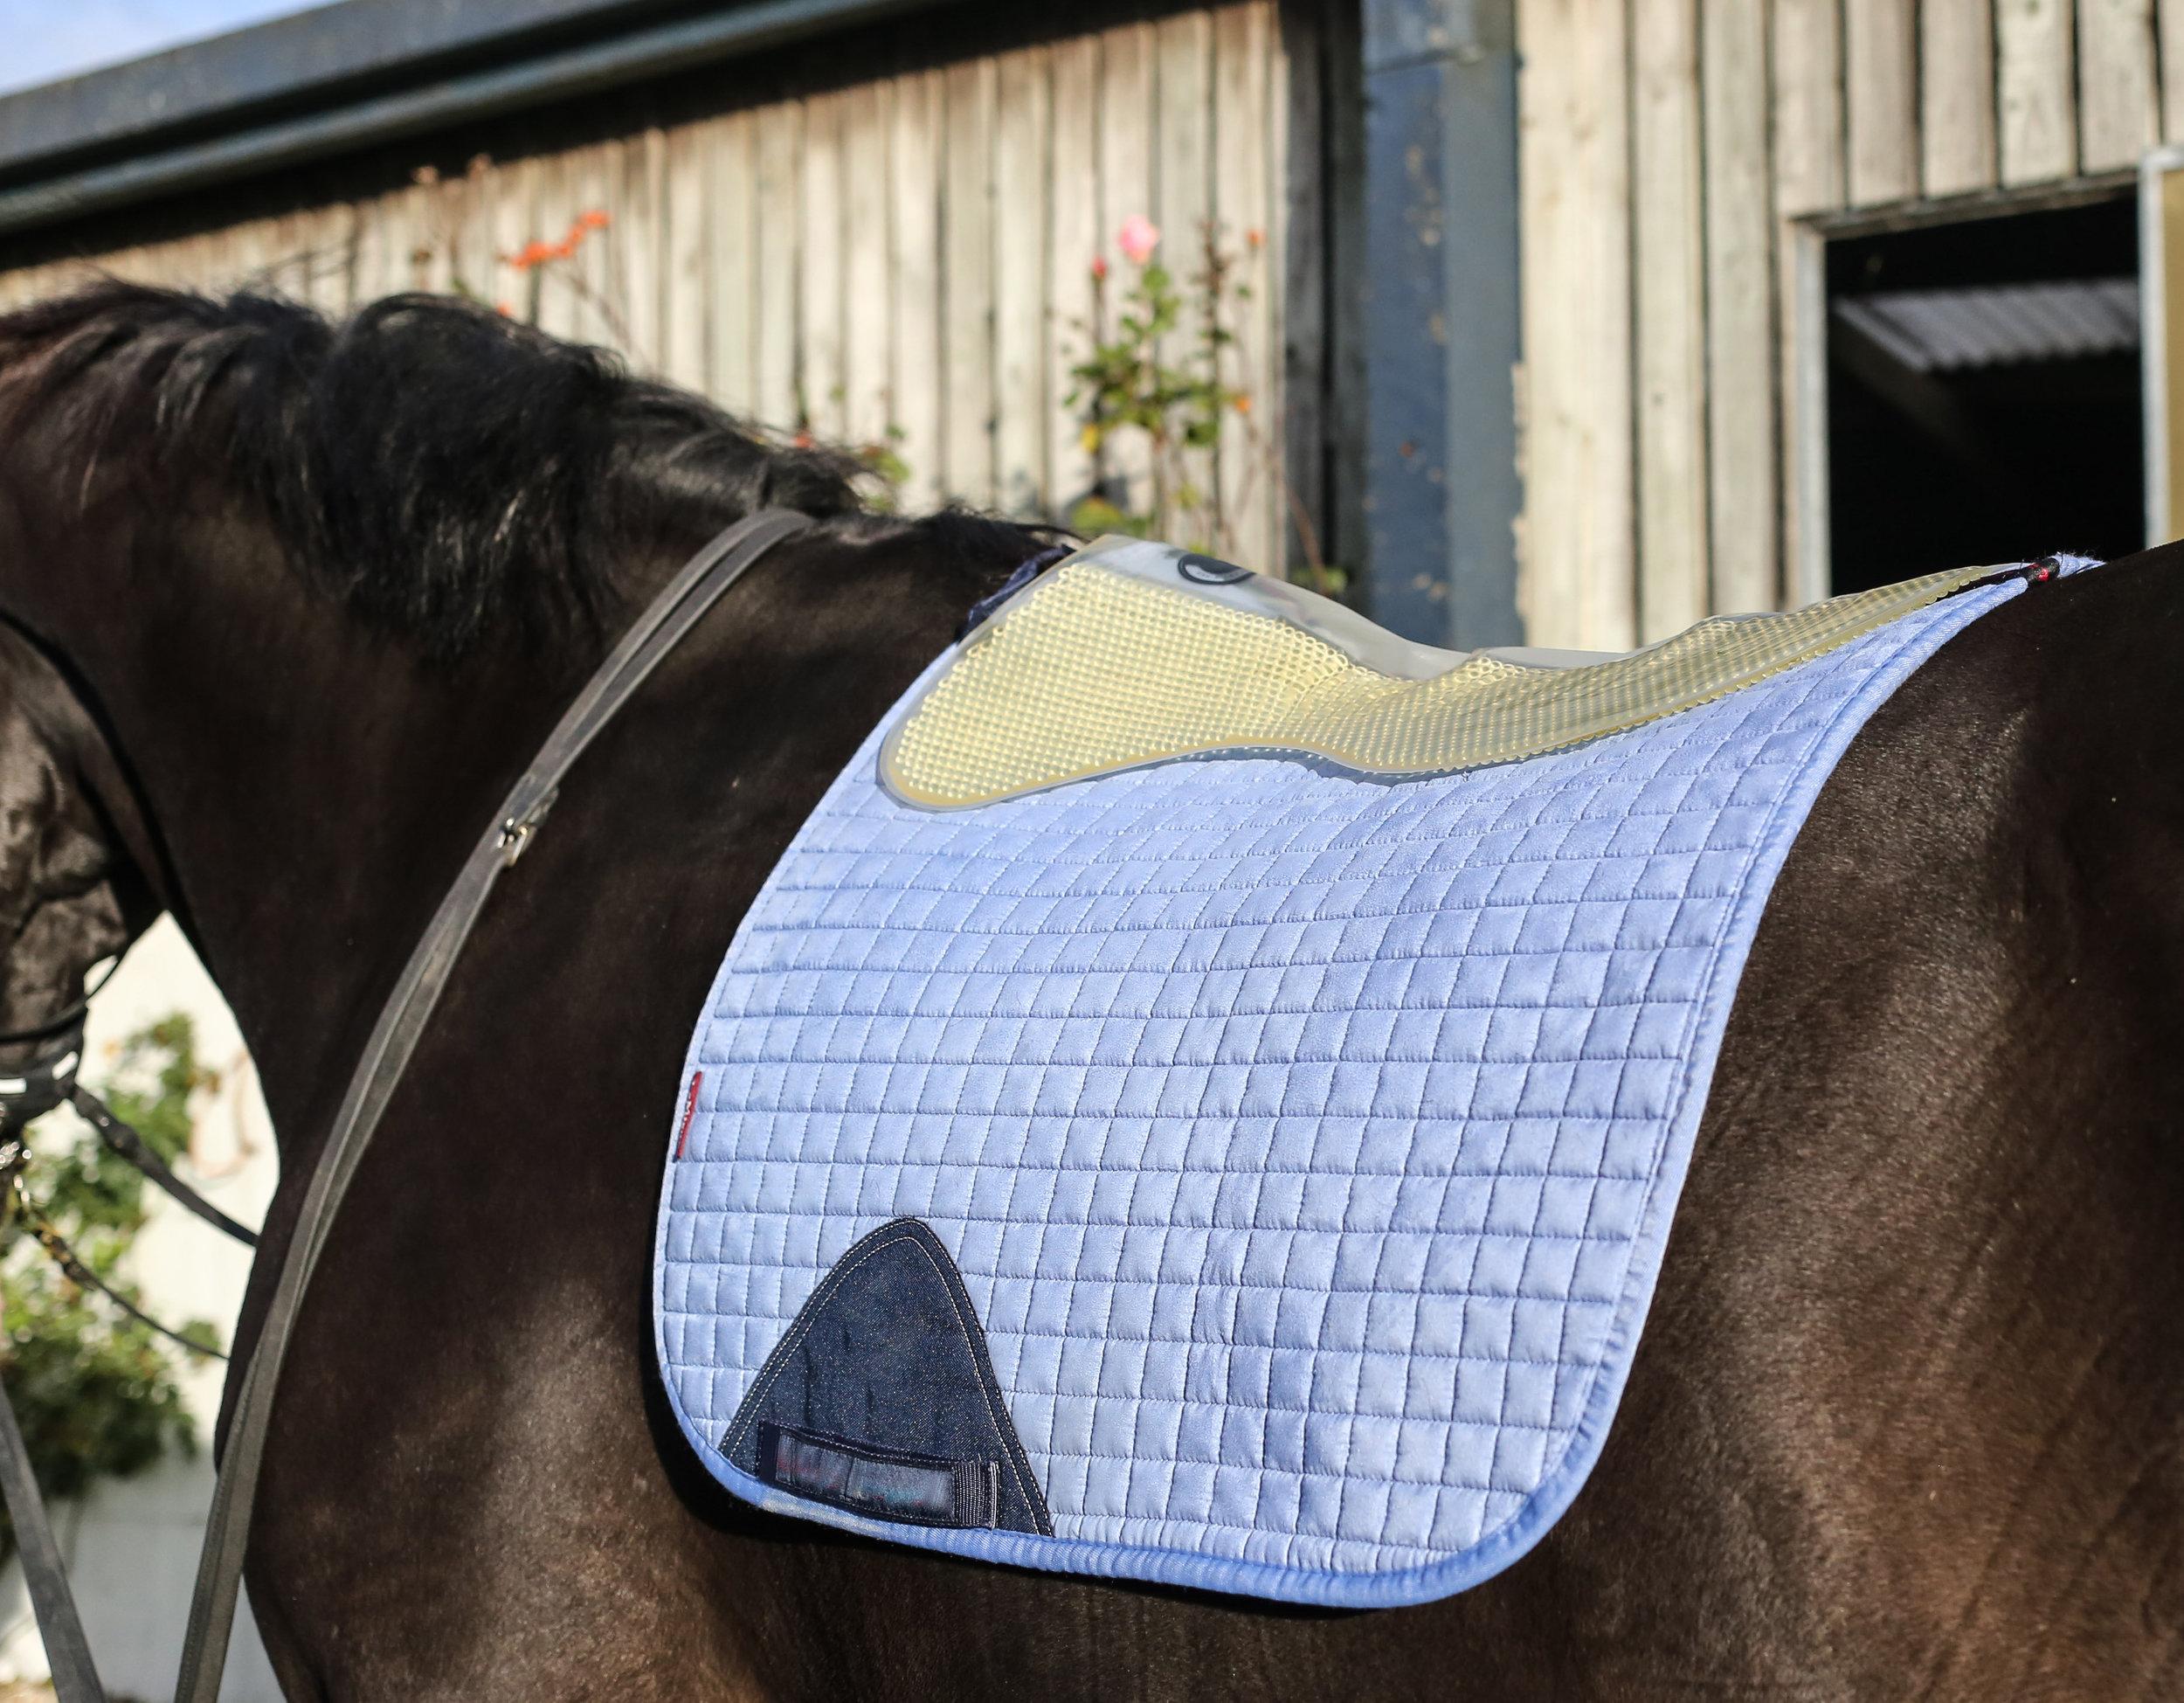 Costruito per il comfort - Per il conforto del tuo cavallo, il Very Important Pad è morbido, flessibile e senza cuciture che potrebbero causare pressioni indesiderate.Il VIP prende la forma della schiena del Vostro cavallo come una seconda pelle. L'esile parte centrale del VIP elimina la pressione sulla spina dorsale del cavallo.Non modifica l'appoggio della sella in quanto alto soltanto 8mm.